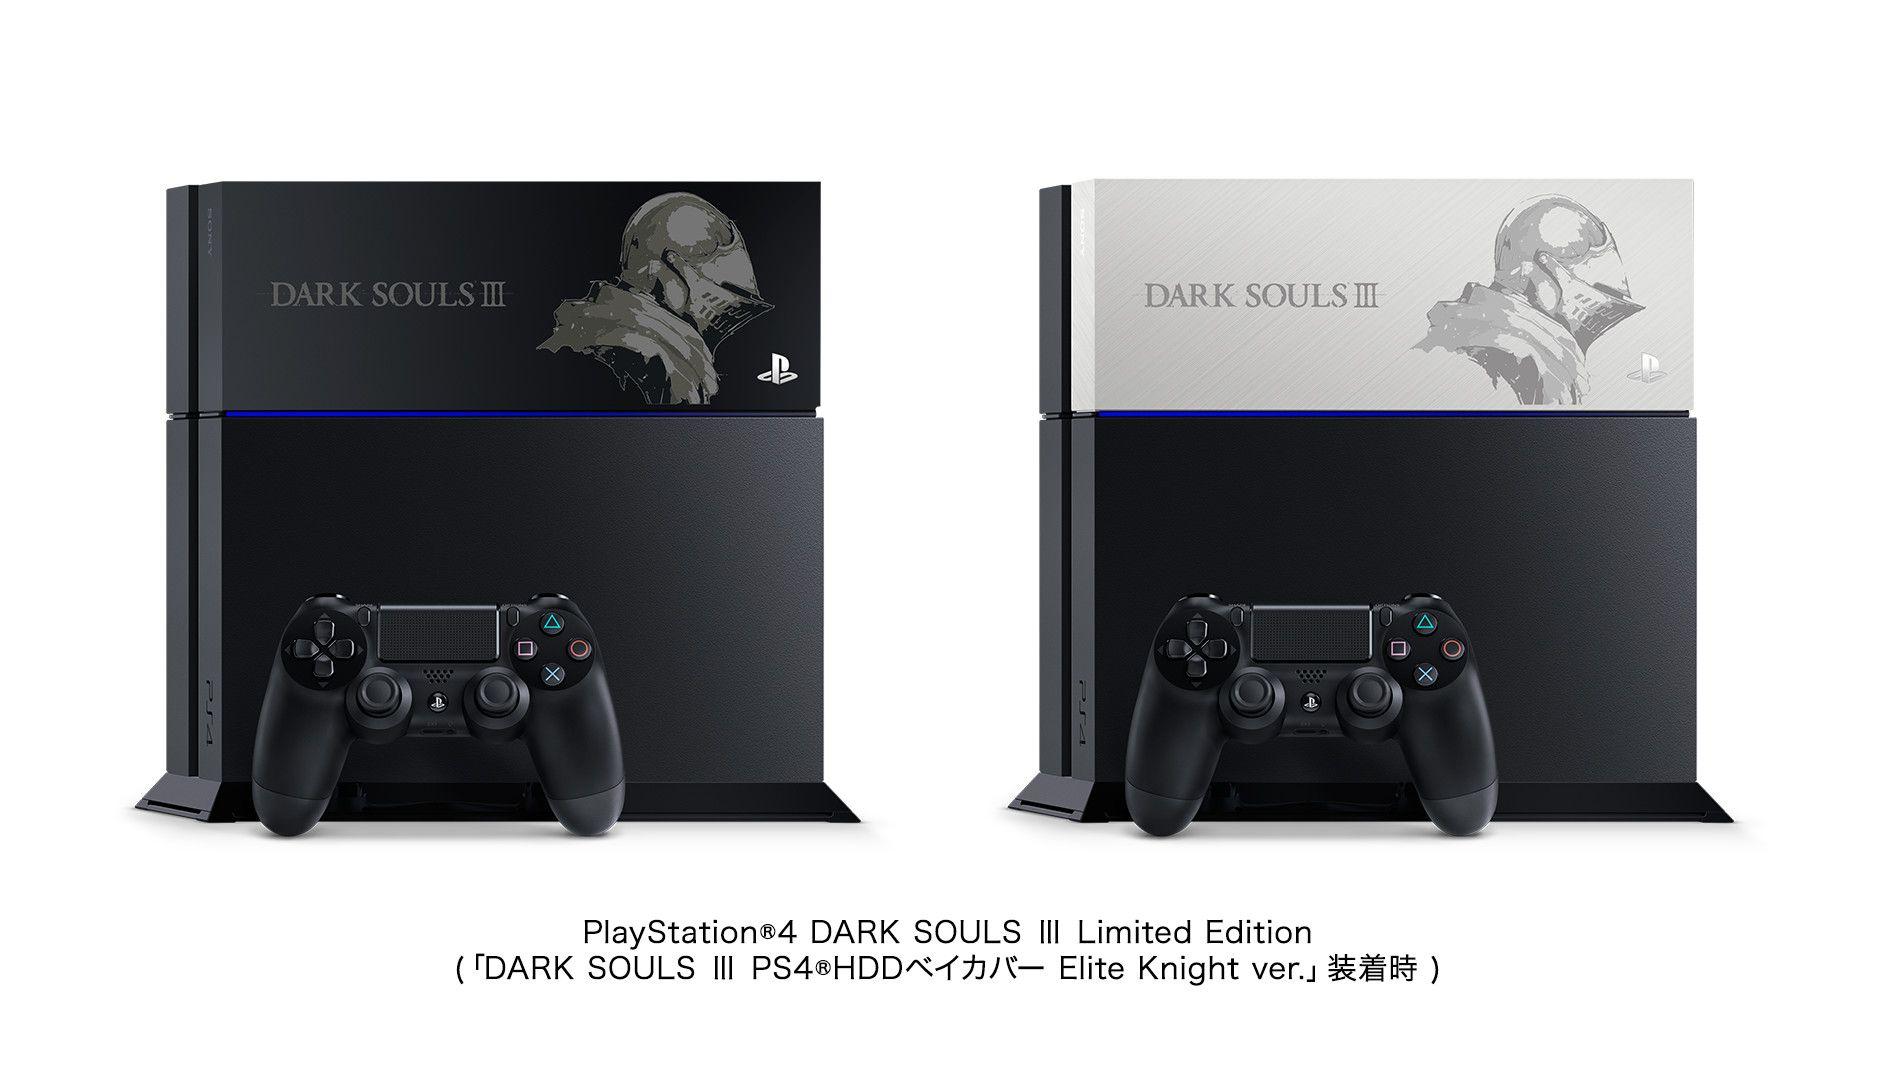 اطلاعات و جزییات جدیدی از باندل های عنوان Dark Souls 3 منتشر شد